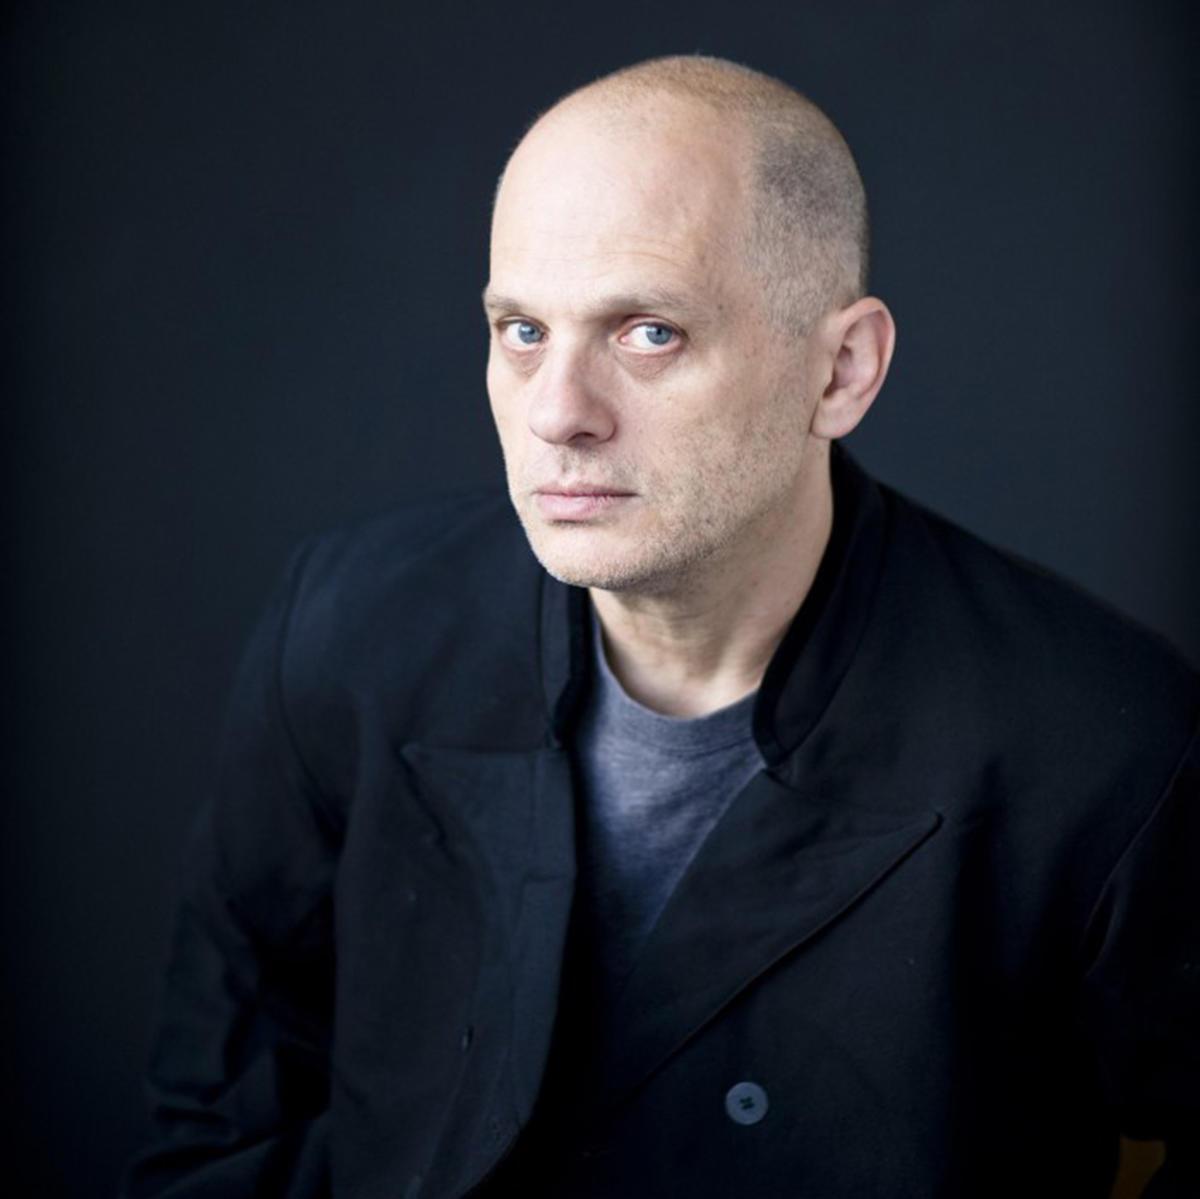 David Lang, photo by Peter Serling